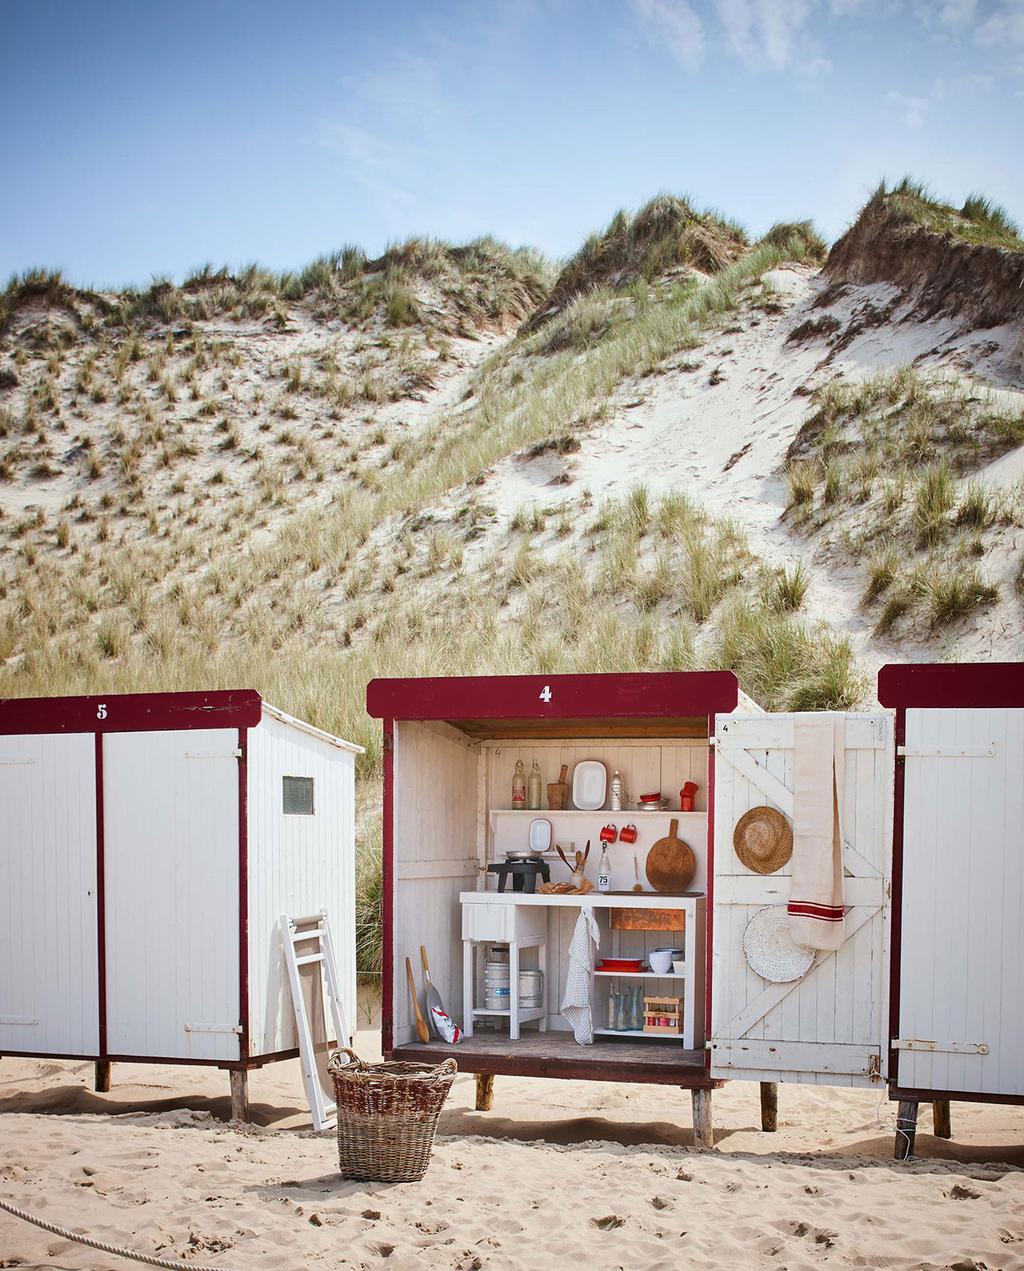 vtwonen 08-2016 | strandhuisje wit rood met keuken